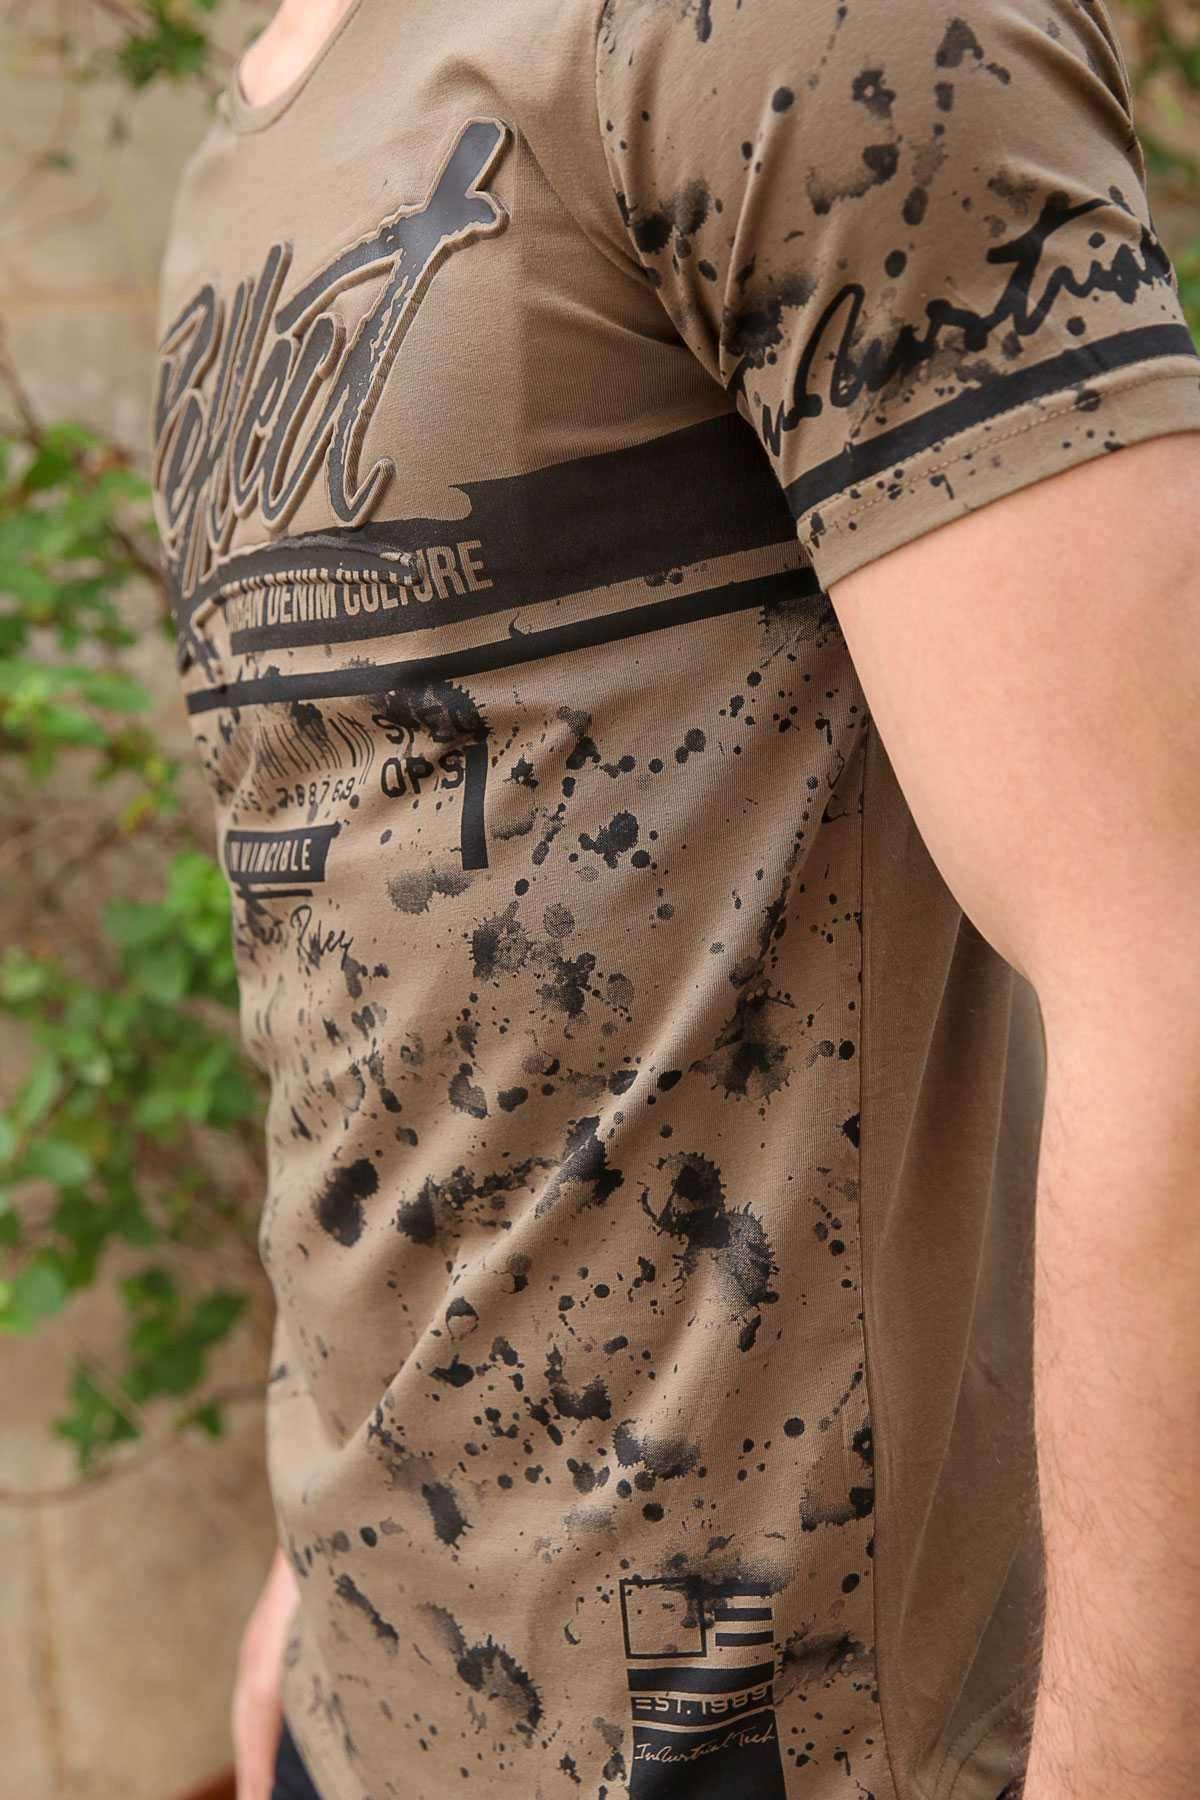 Kabartma Yazılı Sıçratma Boya Baskılı Slim Fit Tişört Haki